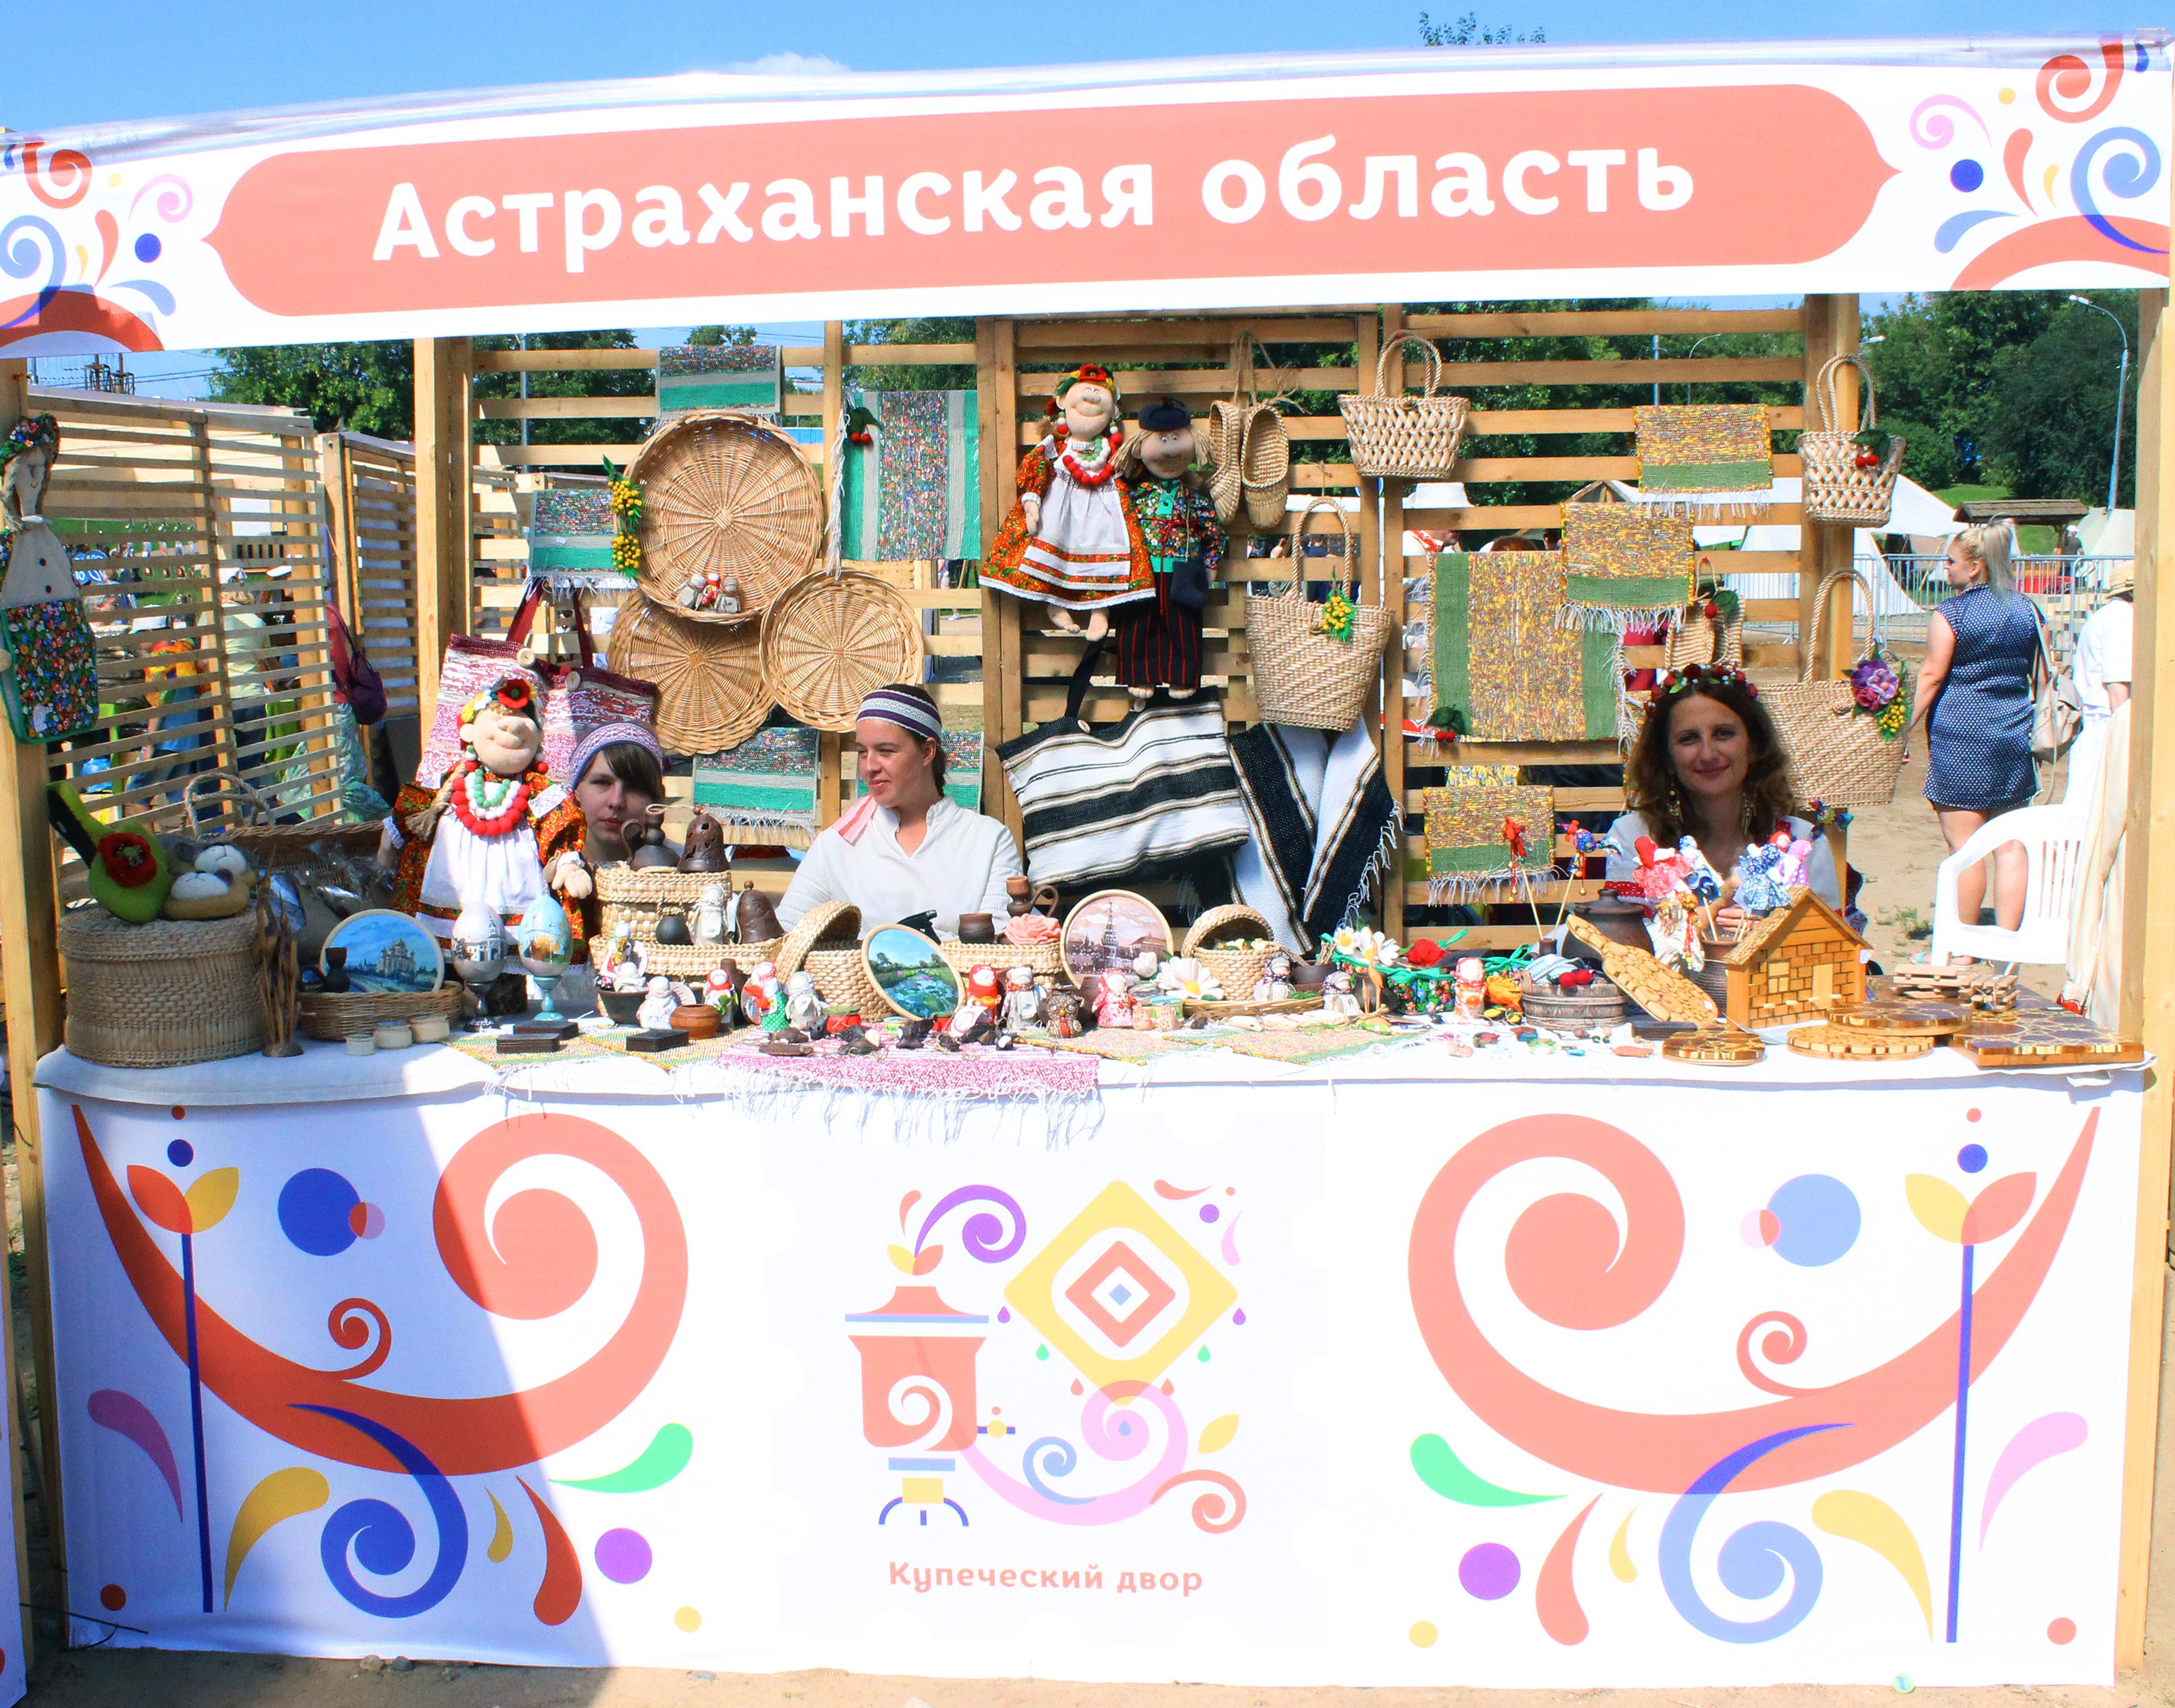 Фестиваль «Русское поле» сохраняет народные традиции